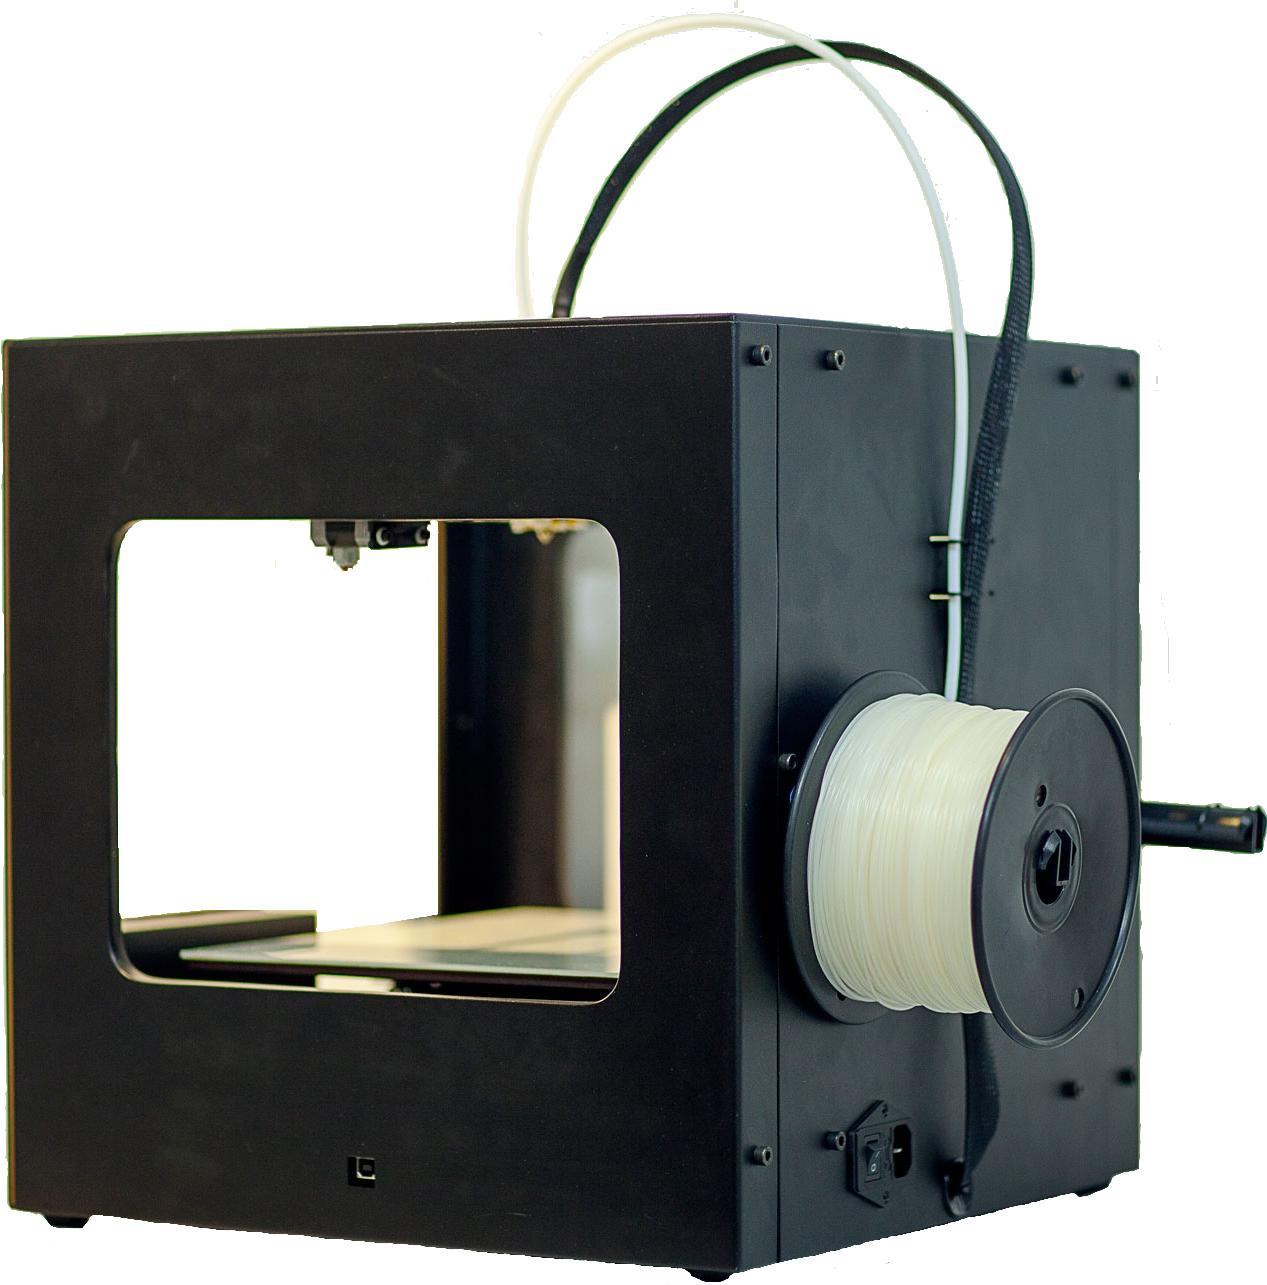 Mbot Cube II